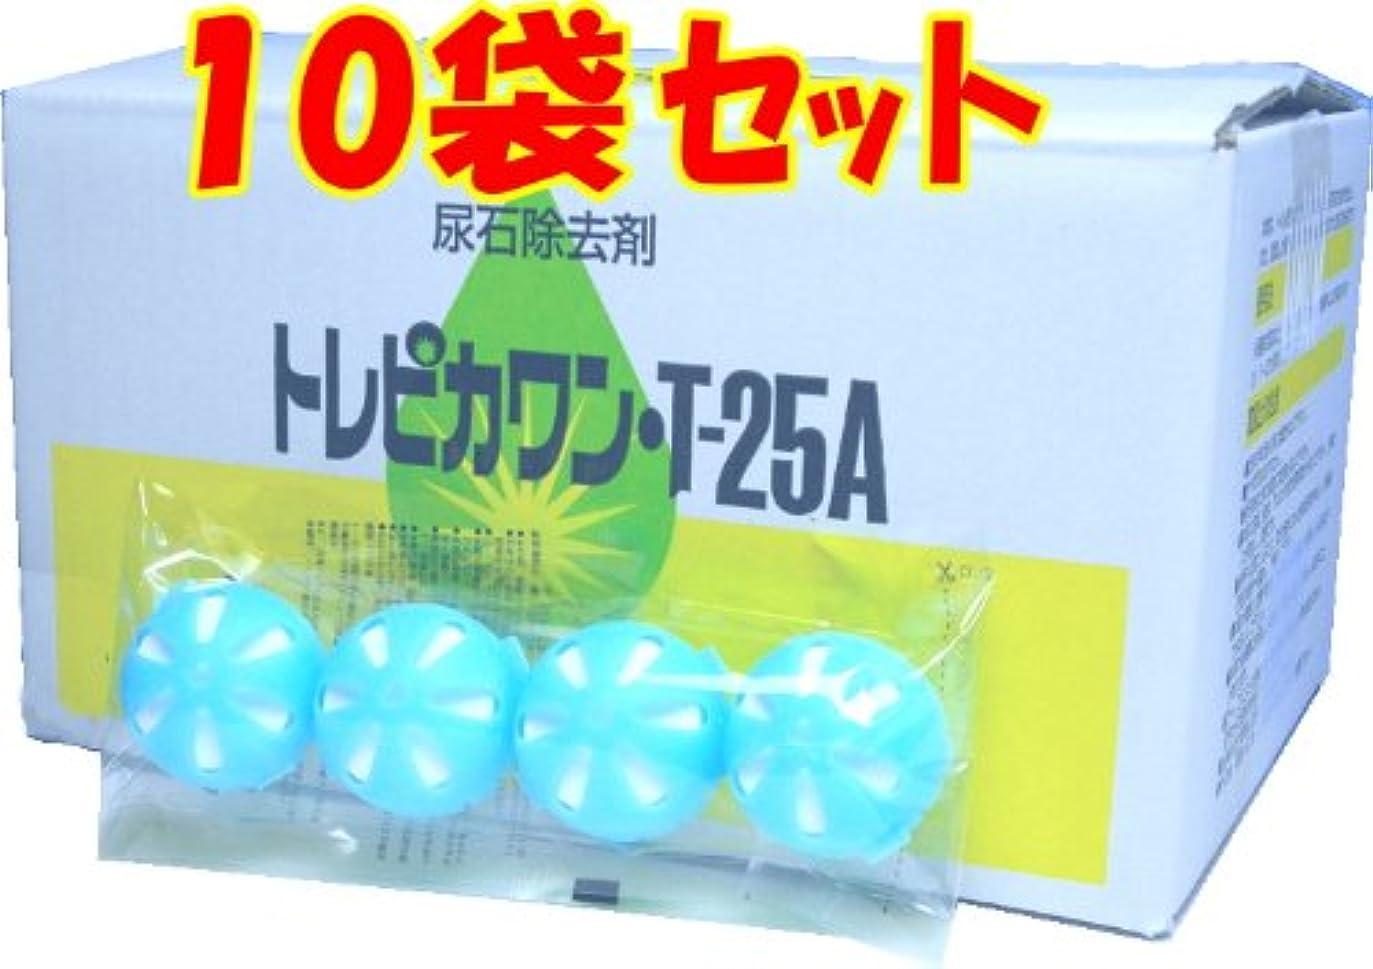 メンテナンススロベニア傾斜トイレ尿石除去剤 『トレピカワン T25A』 《錠剤タイプ》 (4錠×10袋)